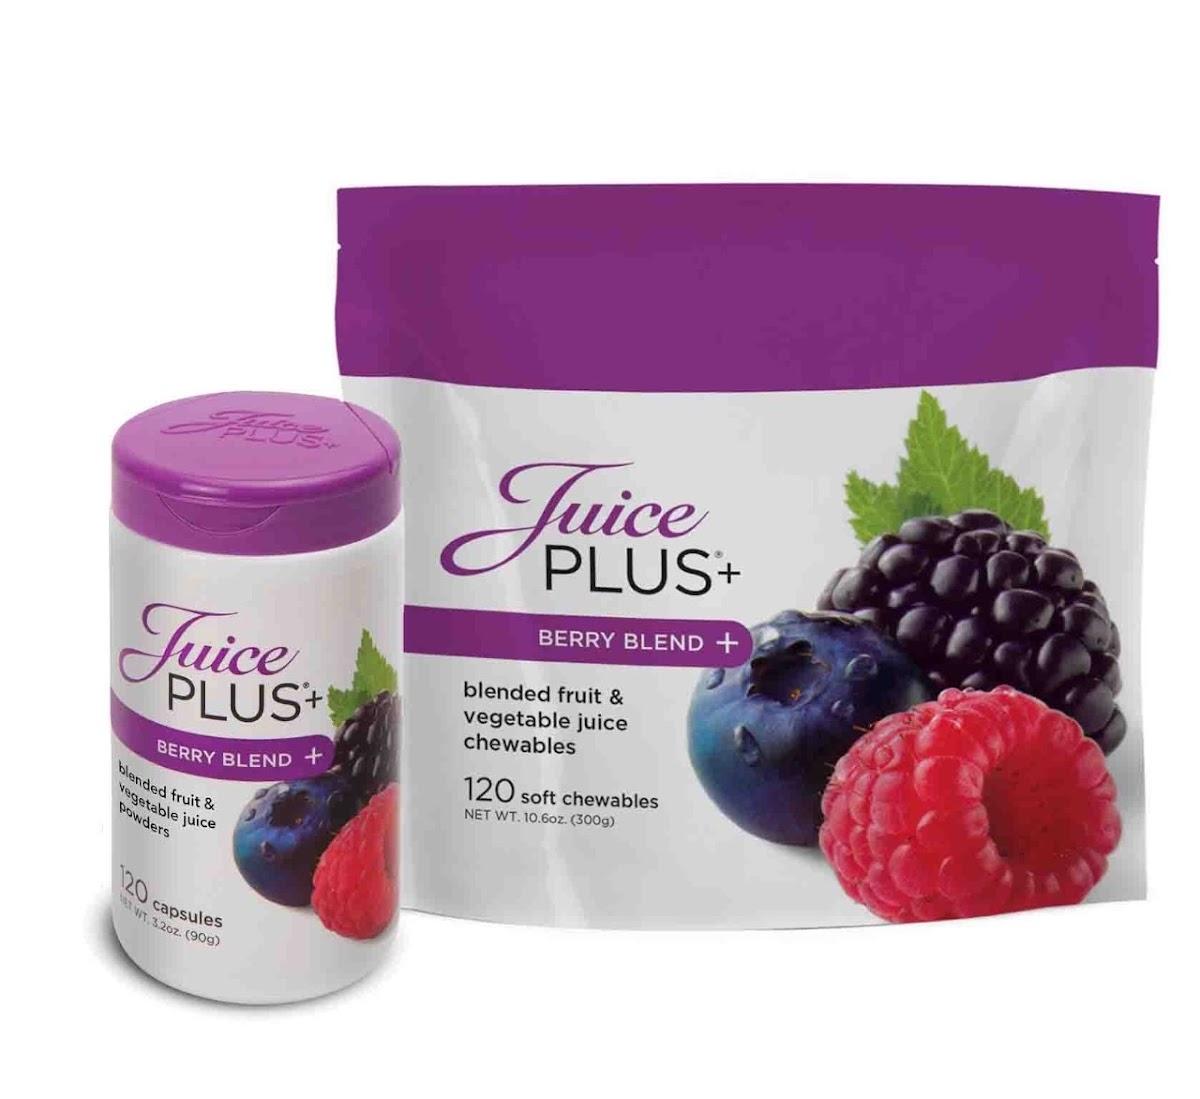 Juice Plus Berry Blend